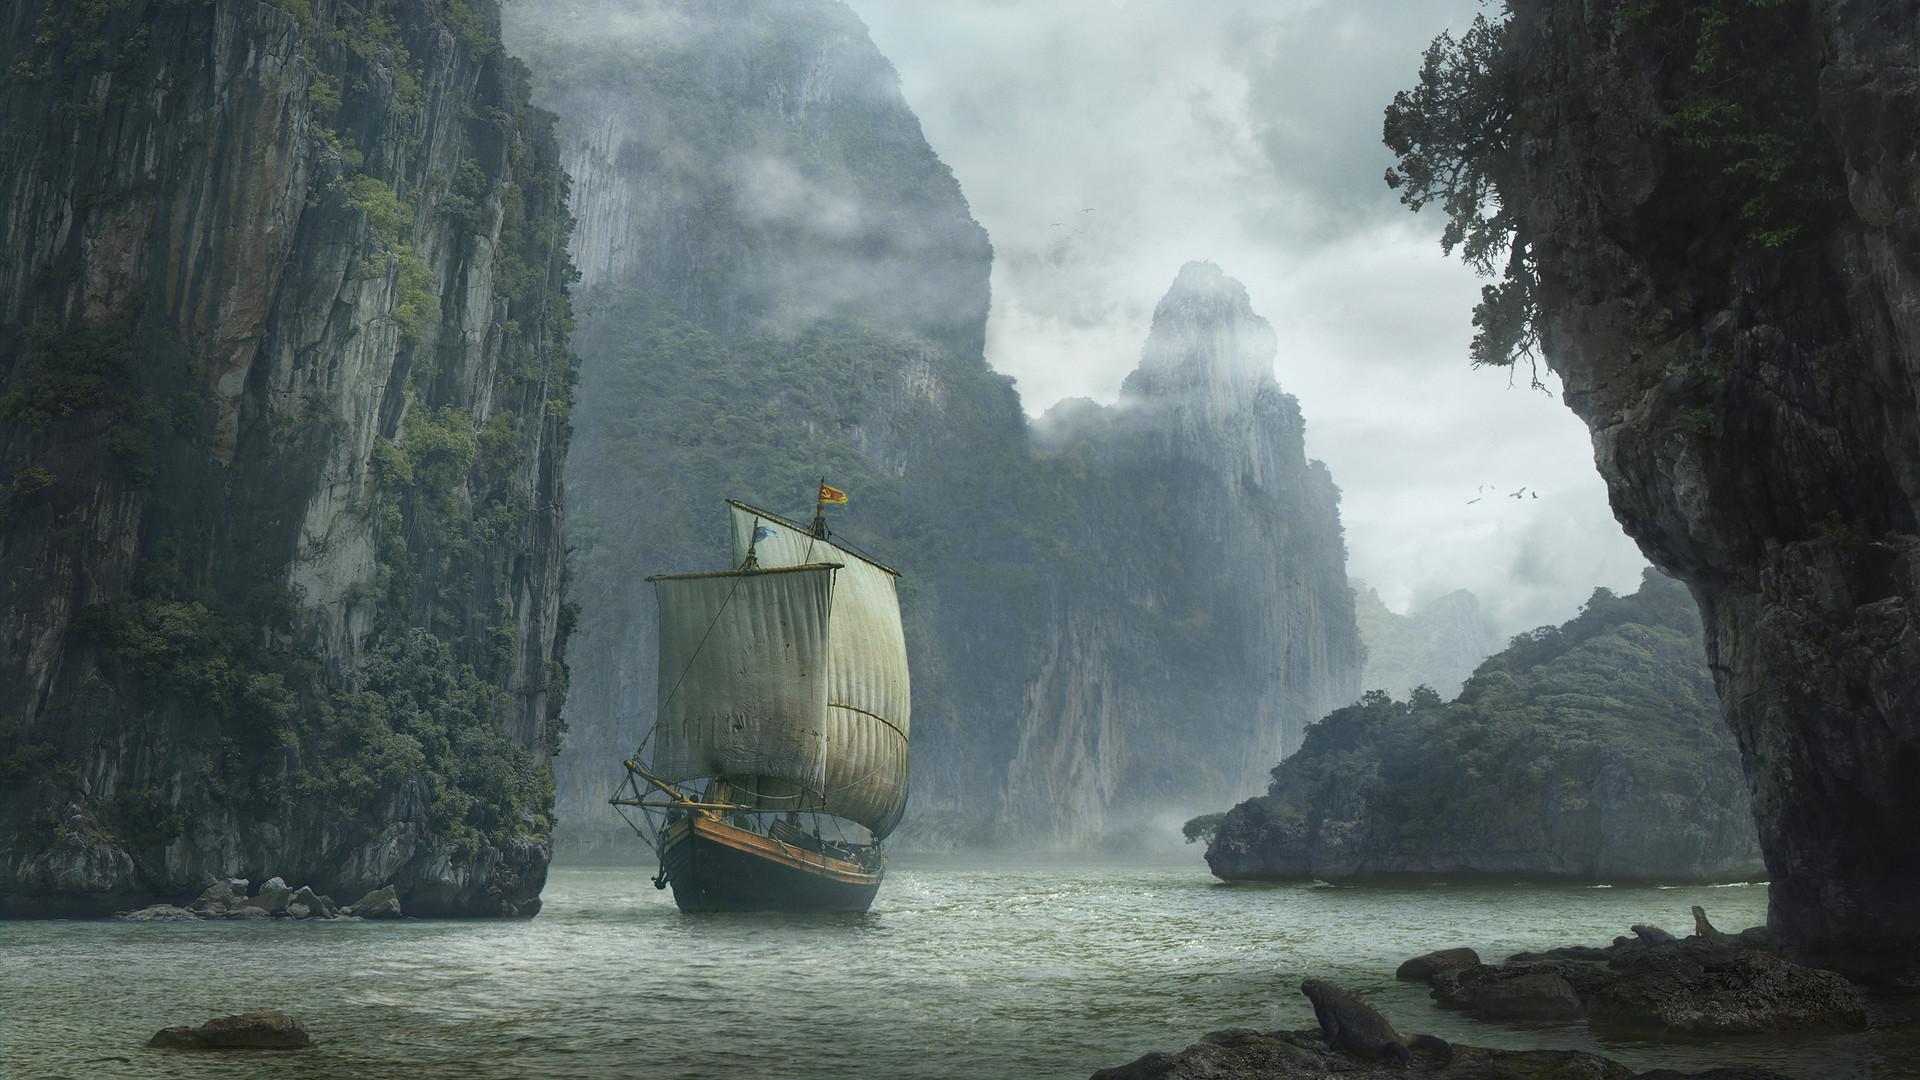 artstation - landscape with ship